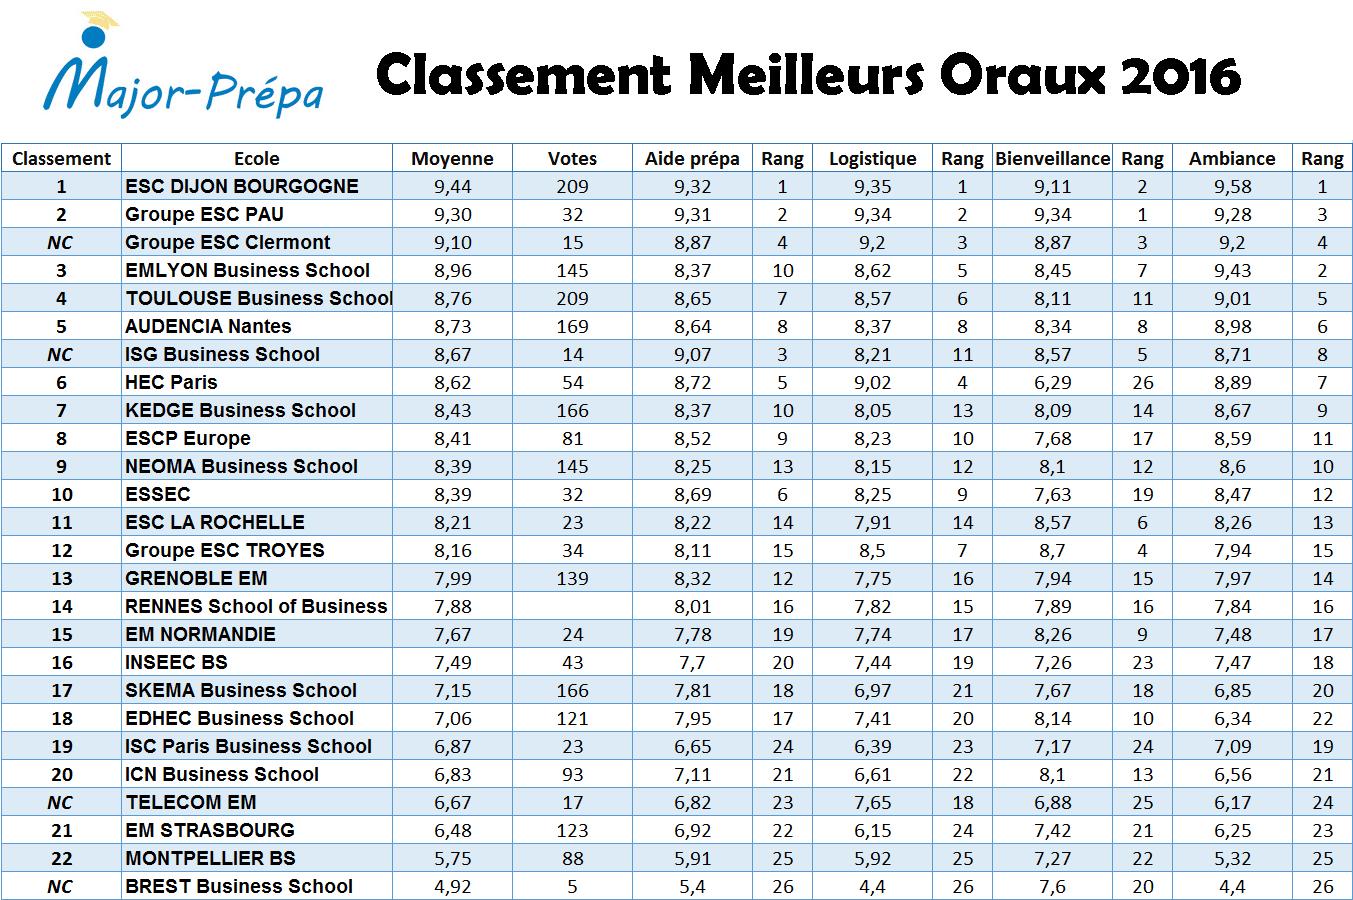 Classement Concours Oraux 2016 annoté